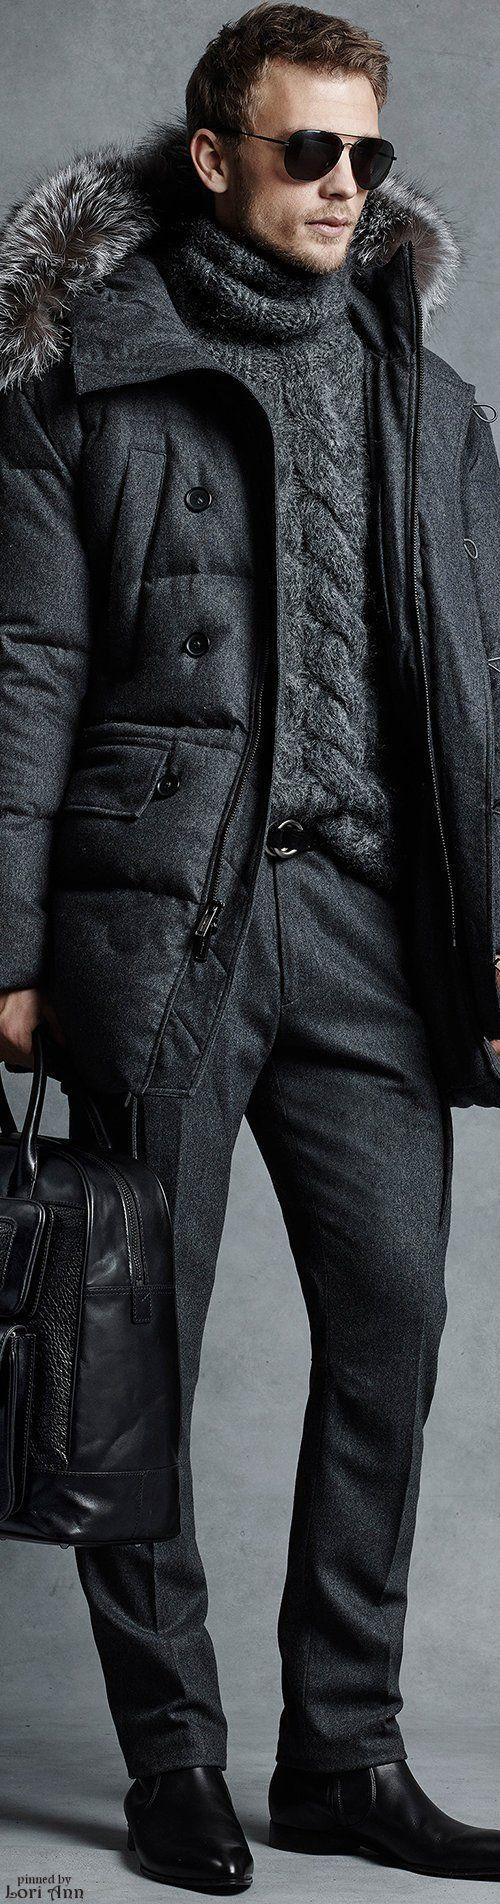 Michael Kors Fall 2015 Menswear - MONOCROMÁTICO E PERFEITO.